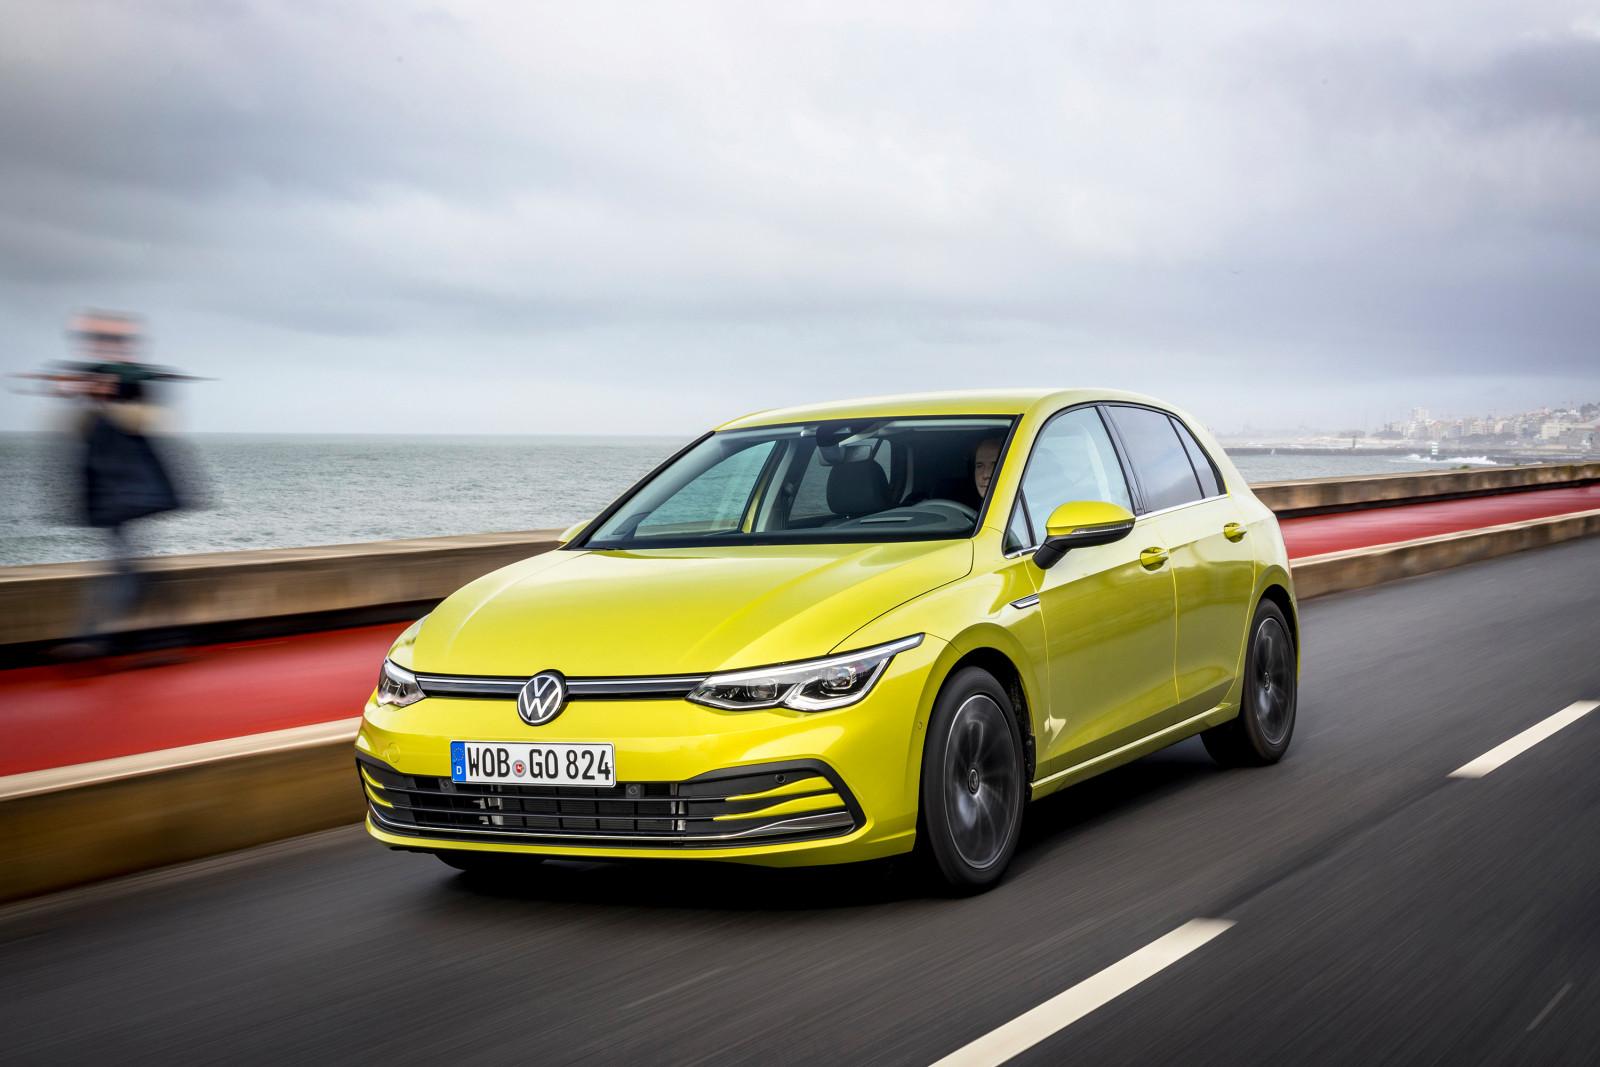 Test: Volkswagen Golf 8, bekeerling